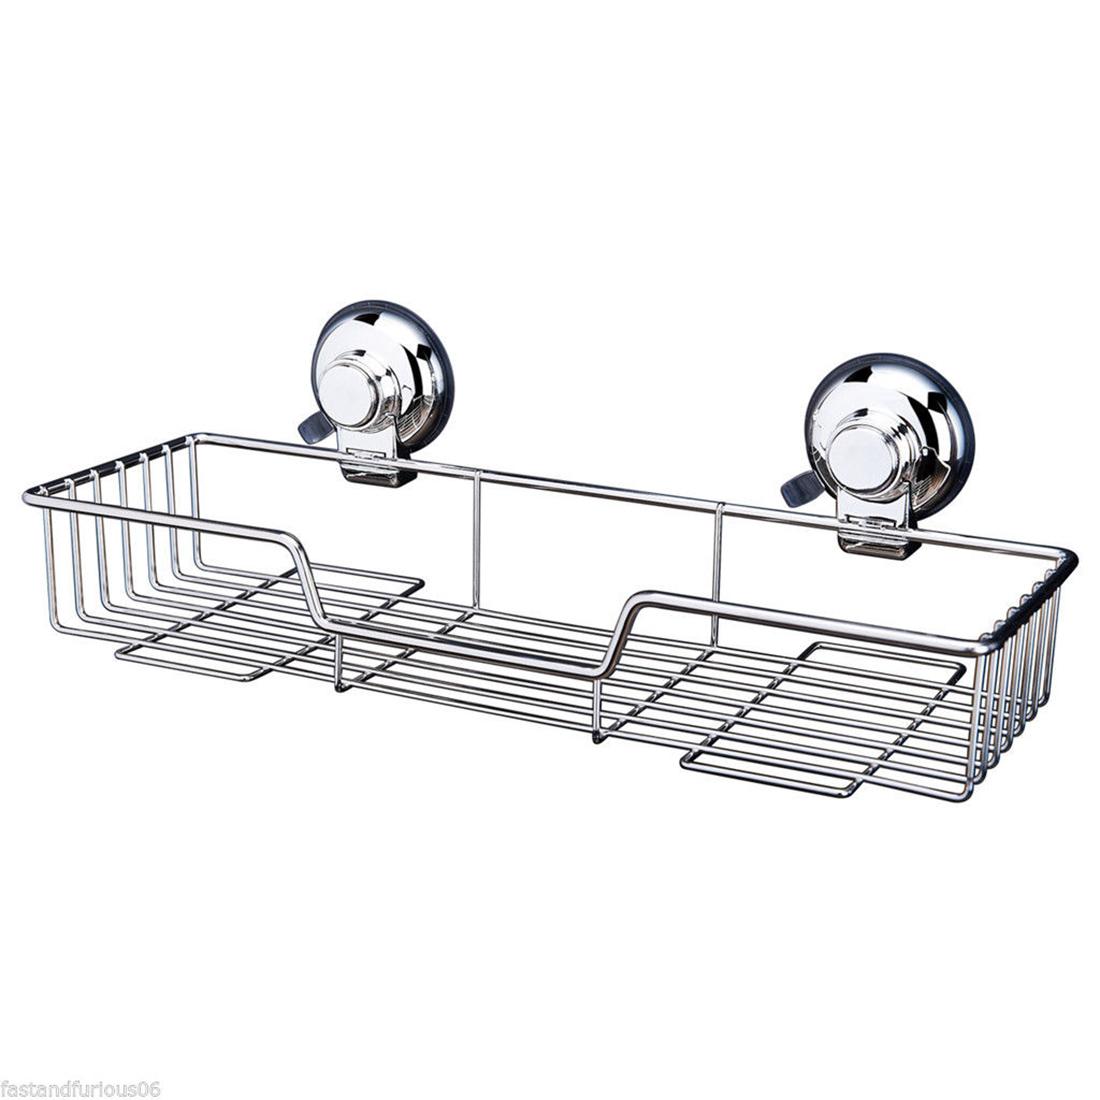 stainless steel bathroom kitchen shower wire basket storage caddy suction sp